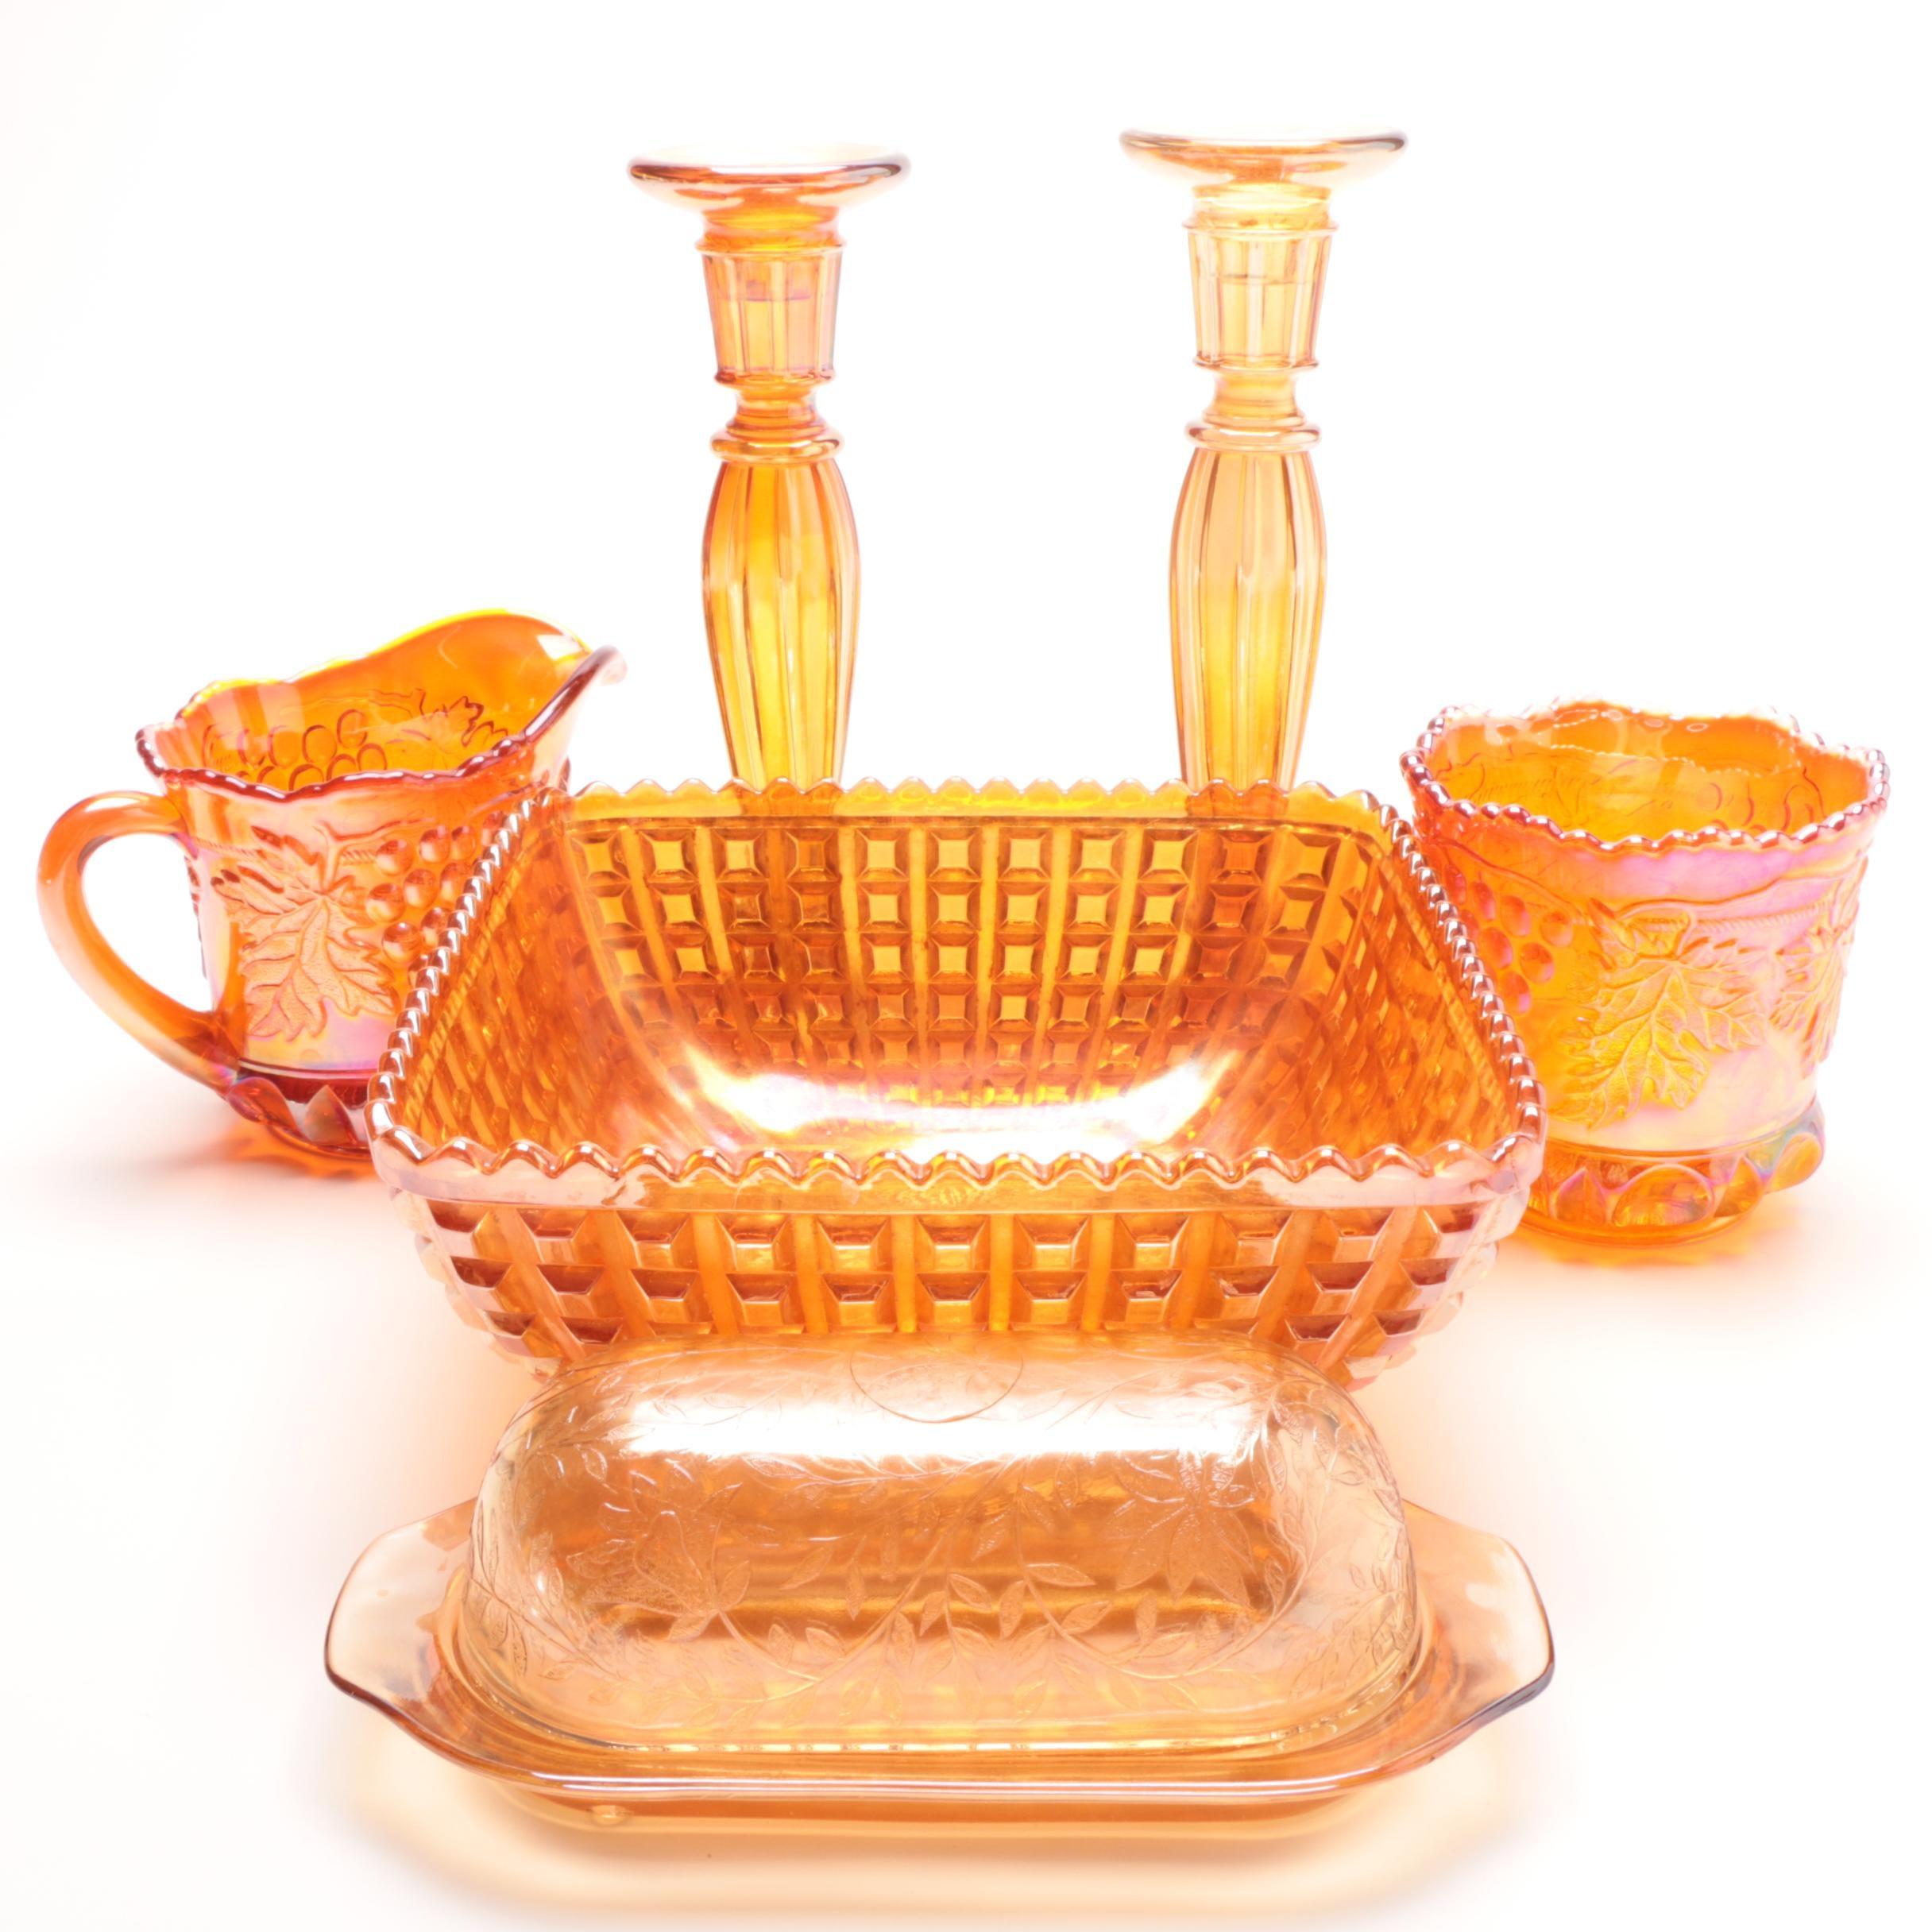 Marigold Carnival Glass Decorative Tableware